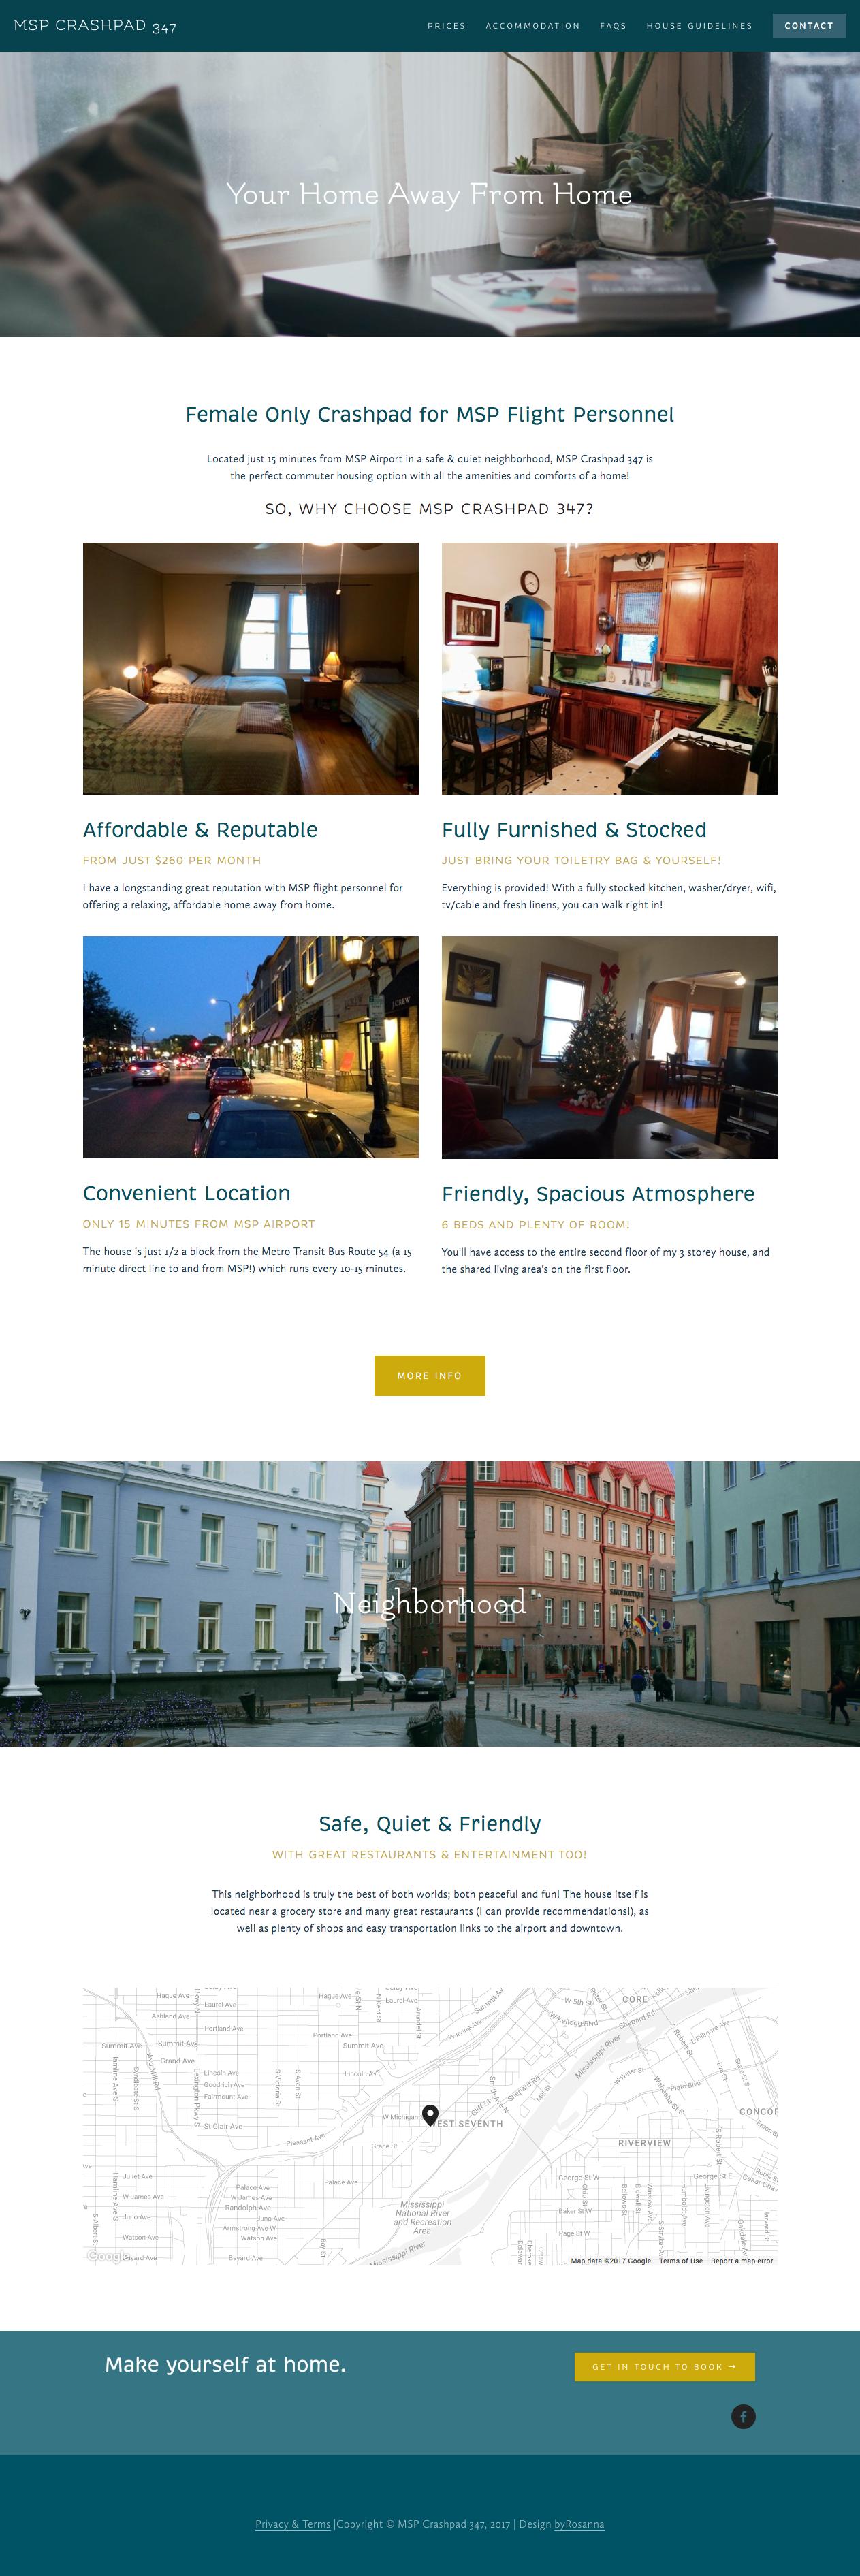 MSP Crashpad website | byRosanna